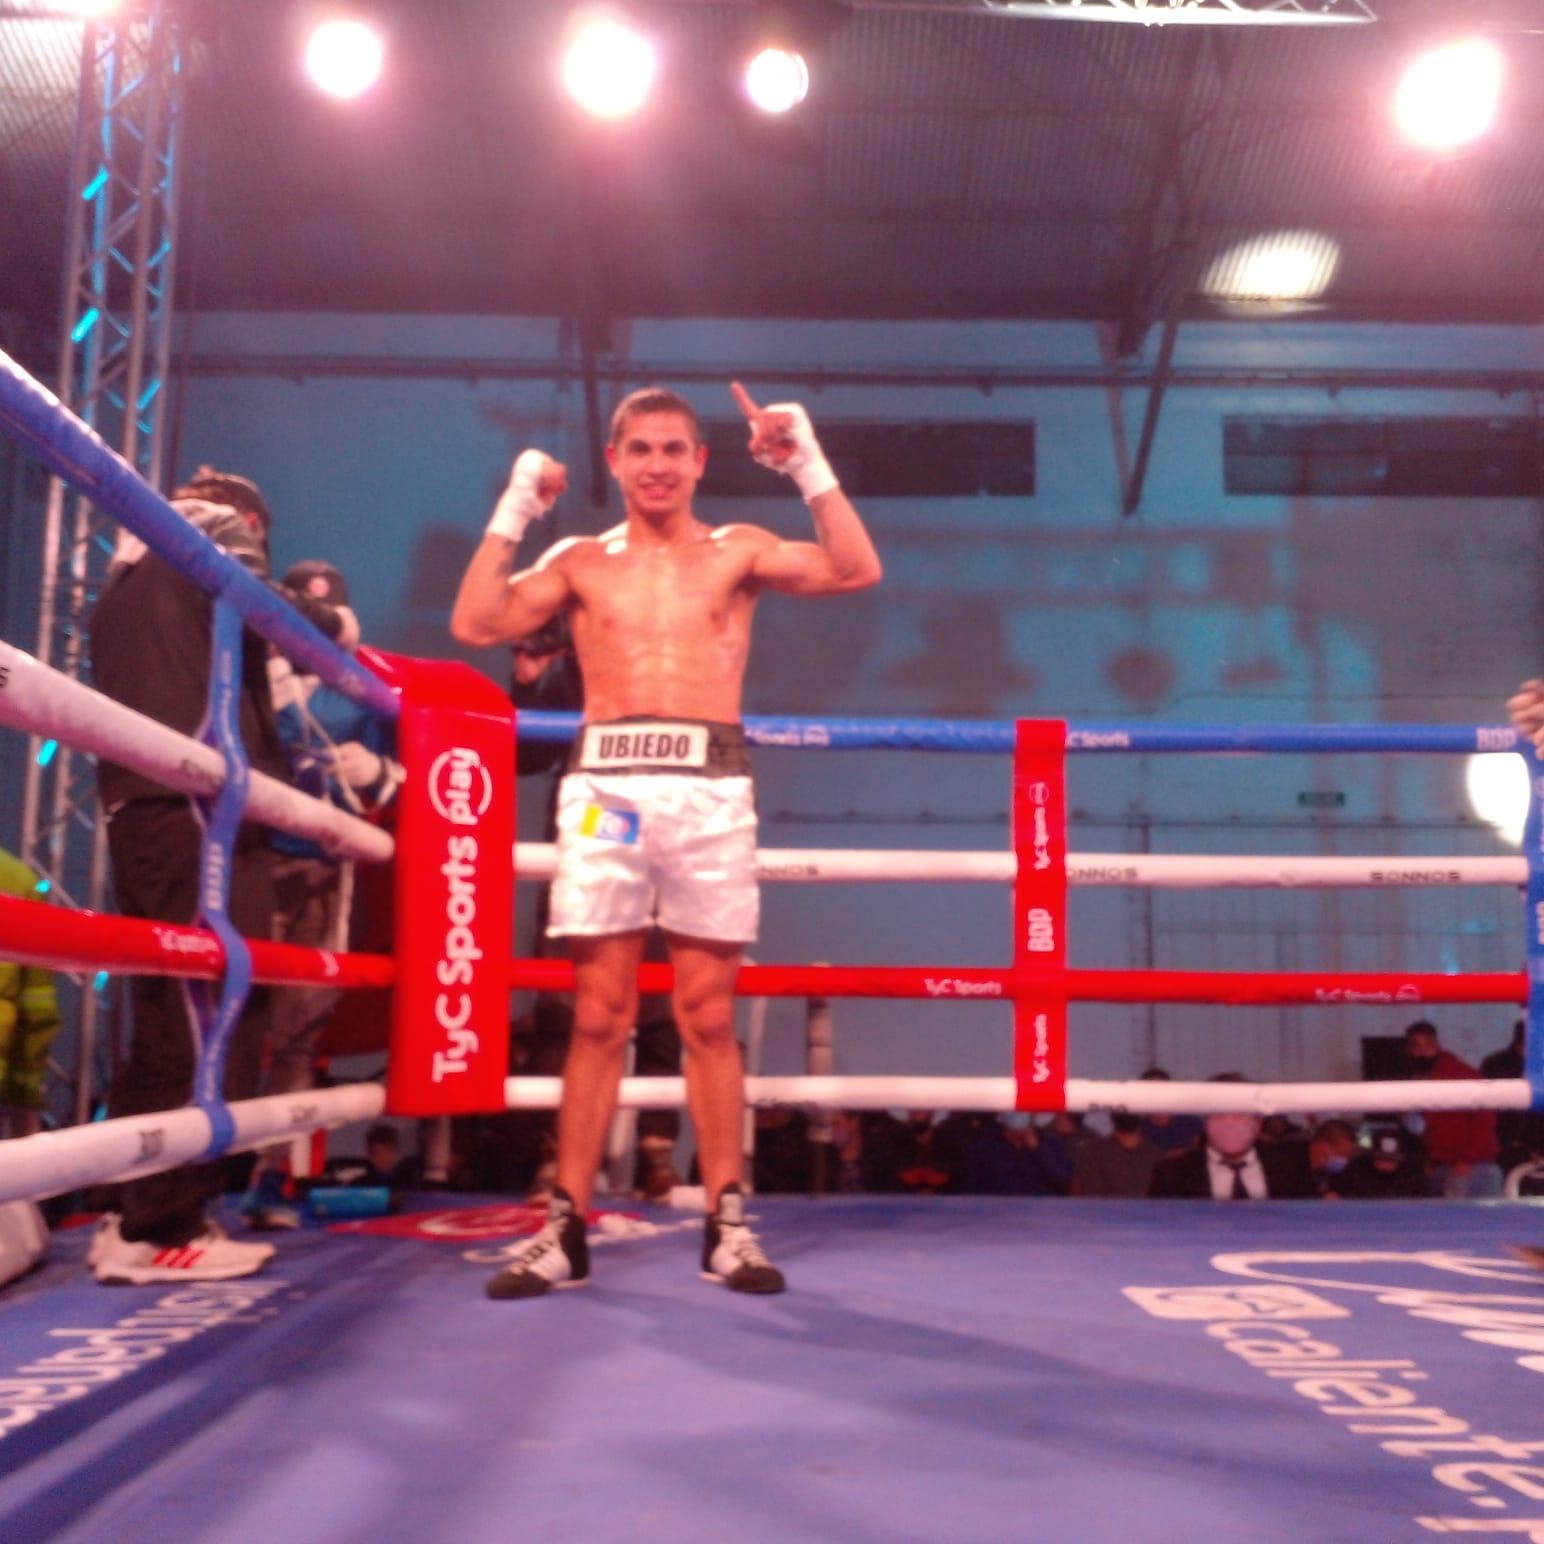 Lee más sobre el artículo Boxeo en San Pedro: Ubiedo Sciuto encendió la «dinamita»